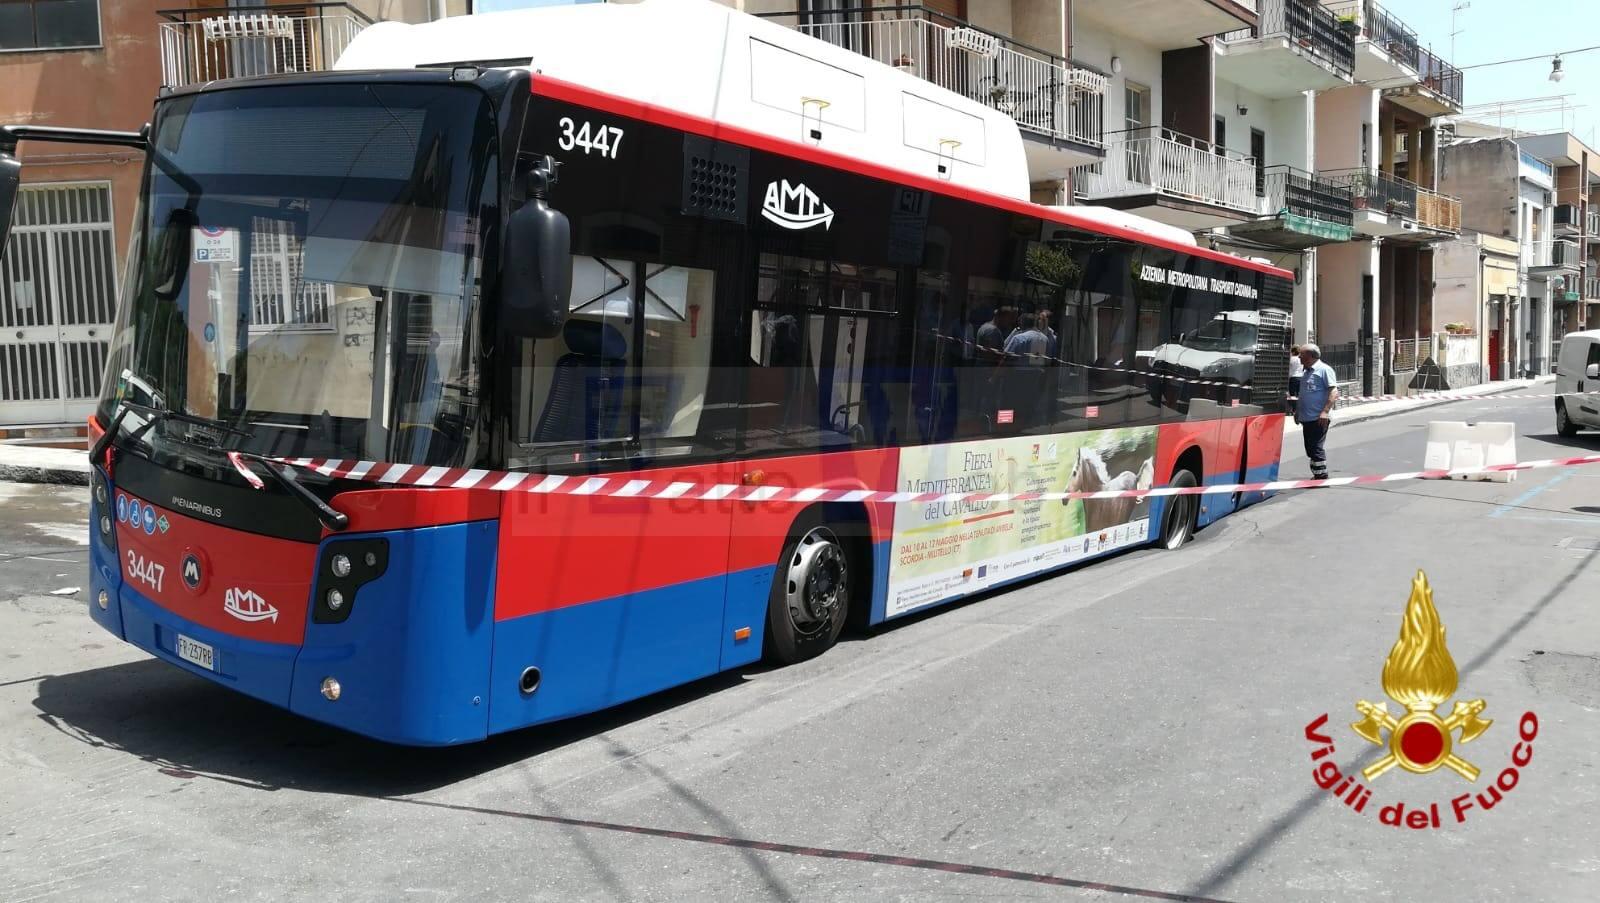 Sprofonda Autobus AMT in via Re Martino ad Acicastello – le foto